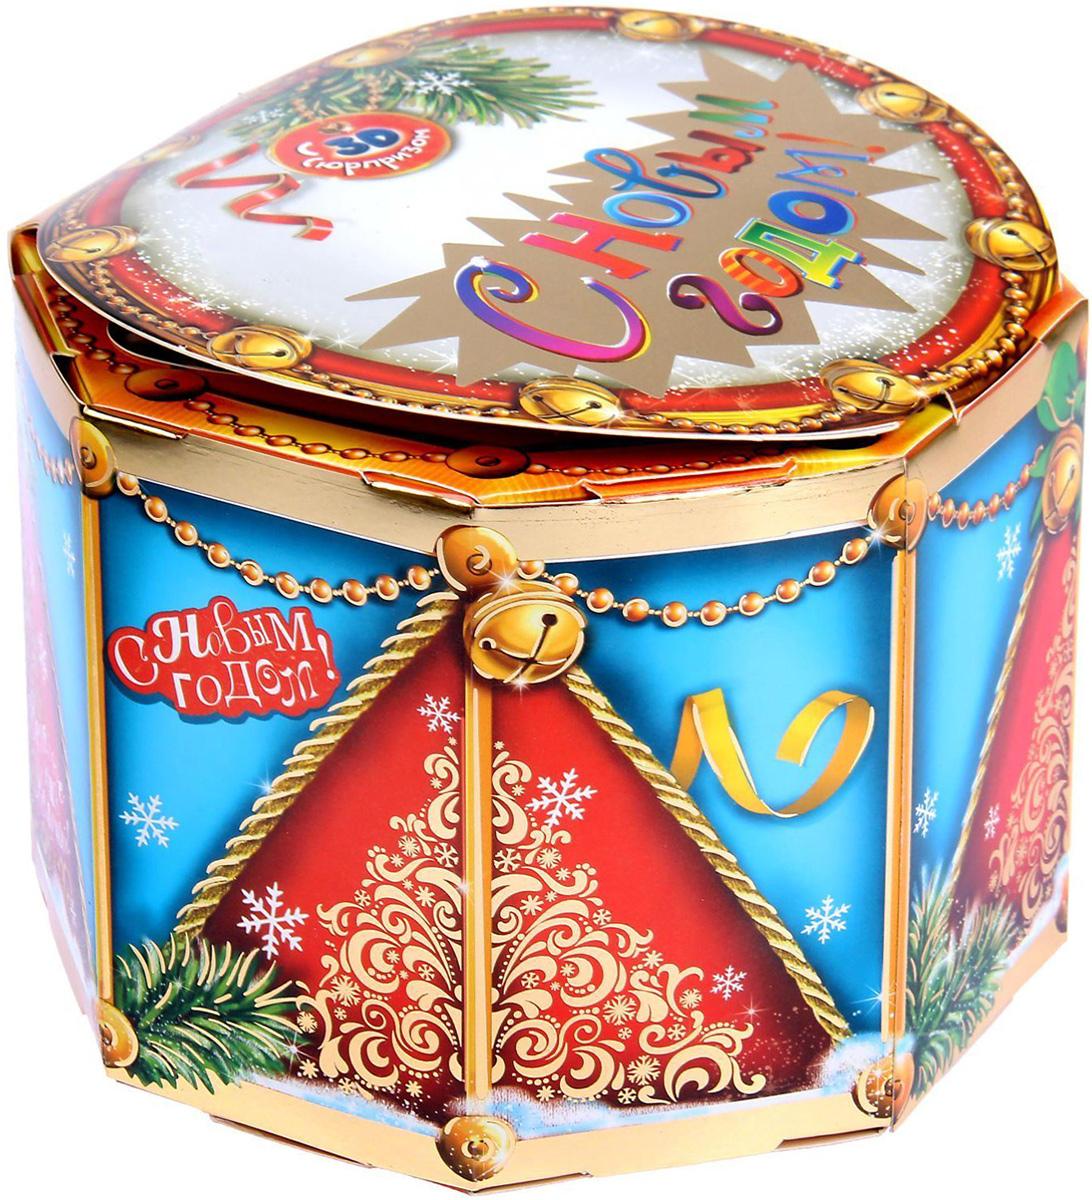 Коробка складная Sima-land Заяц с барабаном, 17 х 17 х 12,5 см1128418Любой подарок начинается с упаковки. Что может быть трогательнее и волшебнее, чем ритуал разворачивания полученного презента. И именно оригинальная, со вкусом выбранная упаковка выделит ваш подарок из массы других. Она продемонстрирует самые теплые чувства к виновнику торжества и создаст сказочную атмосферу праздника.